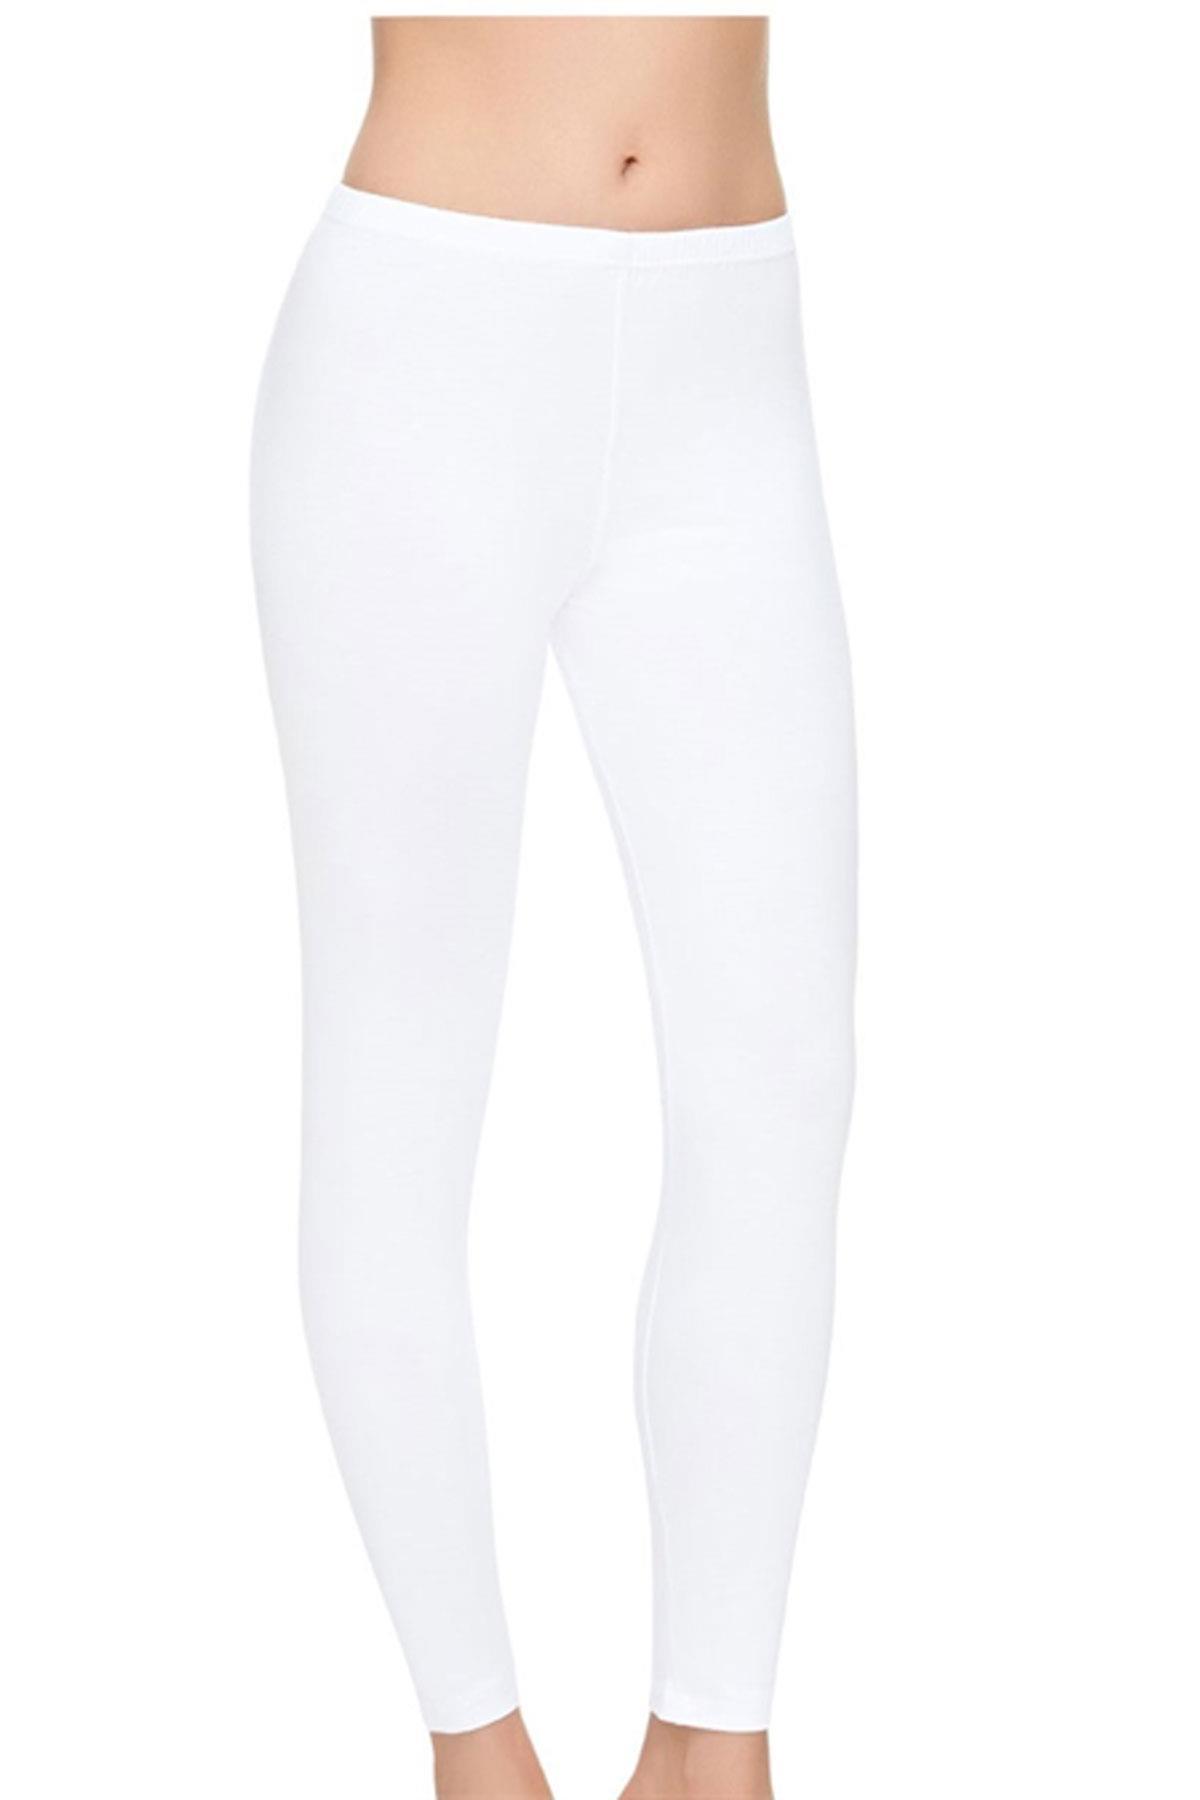 Tutku İç Giyim Elit Likralı Kadın Sporcu Uzun Tayt Pantolon